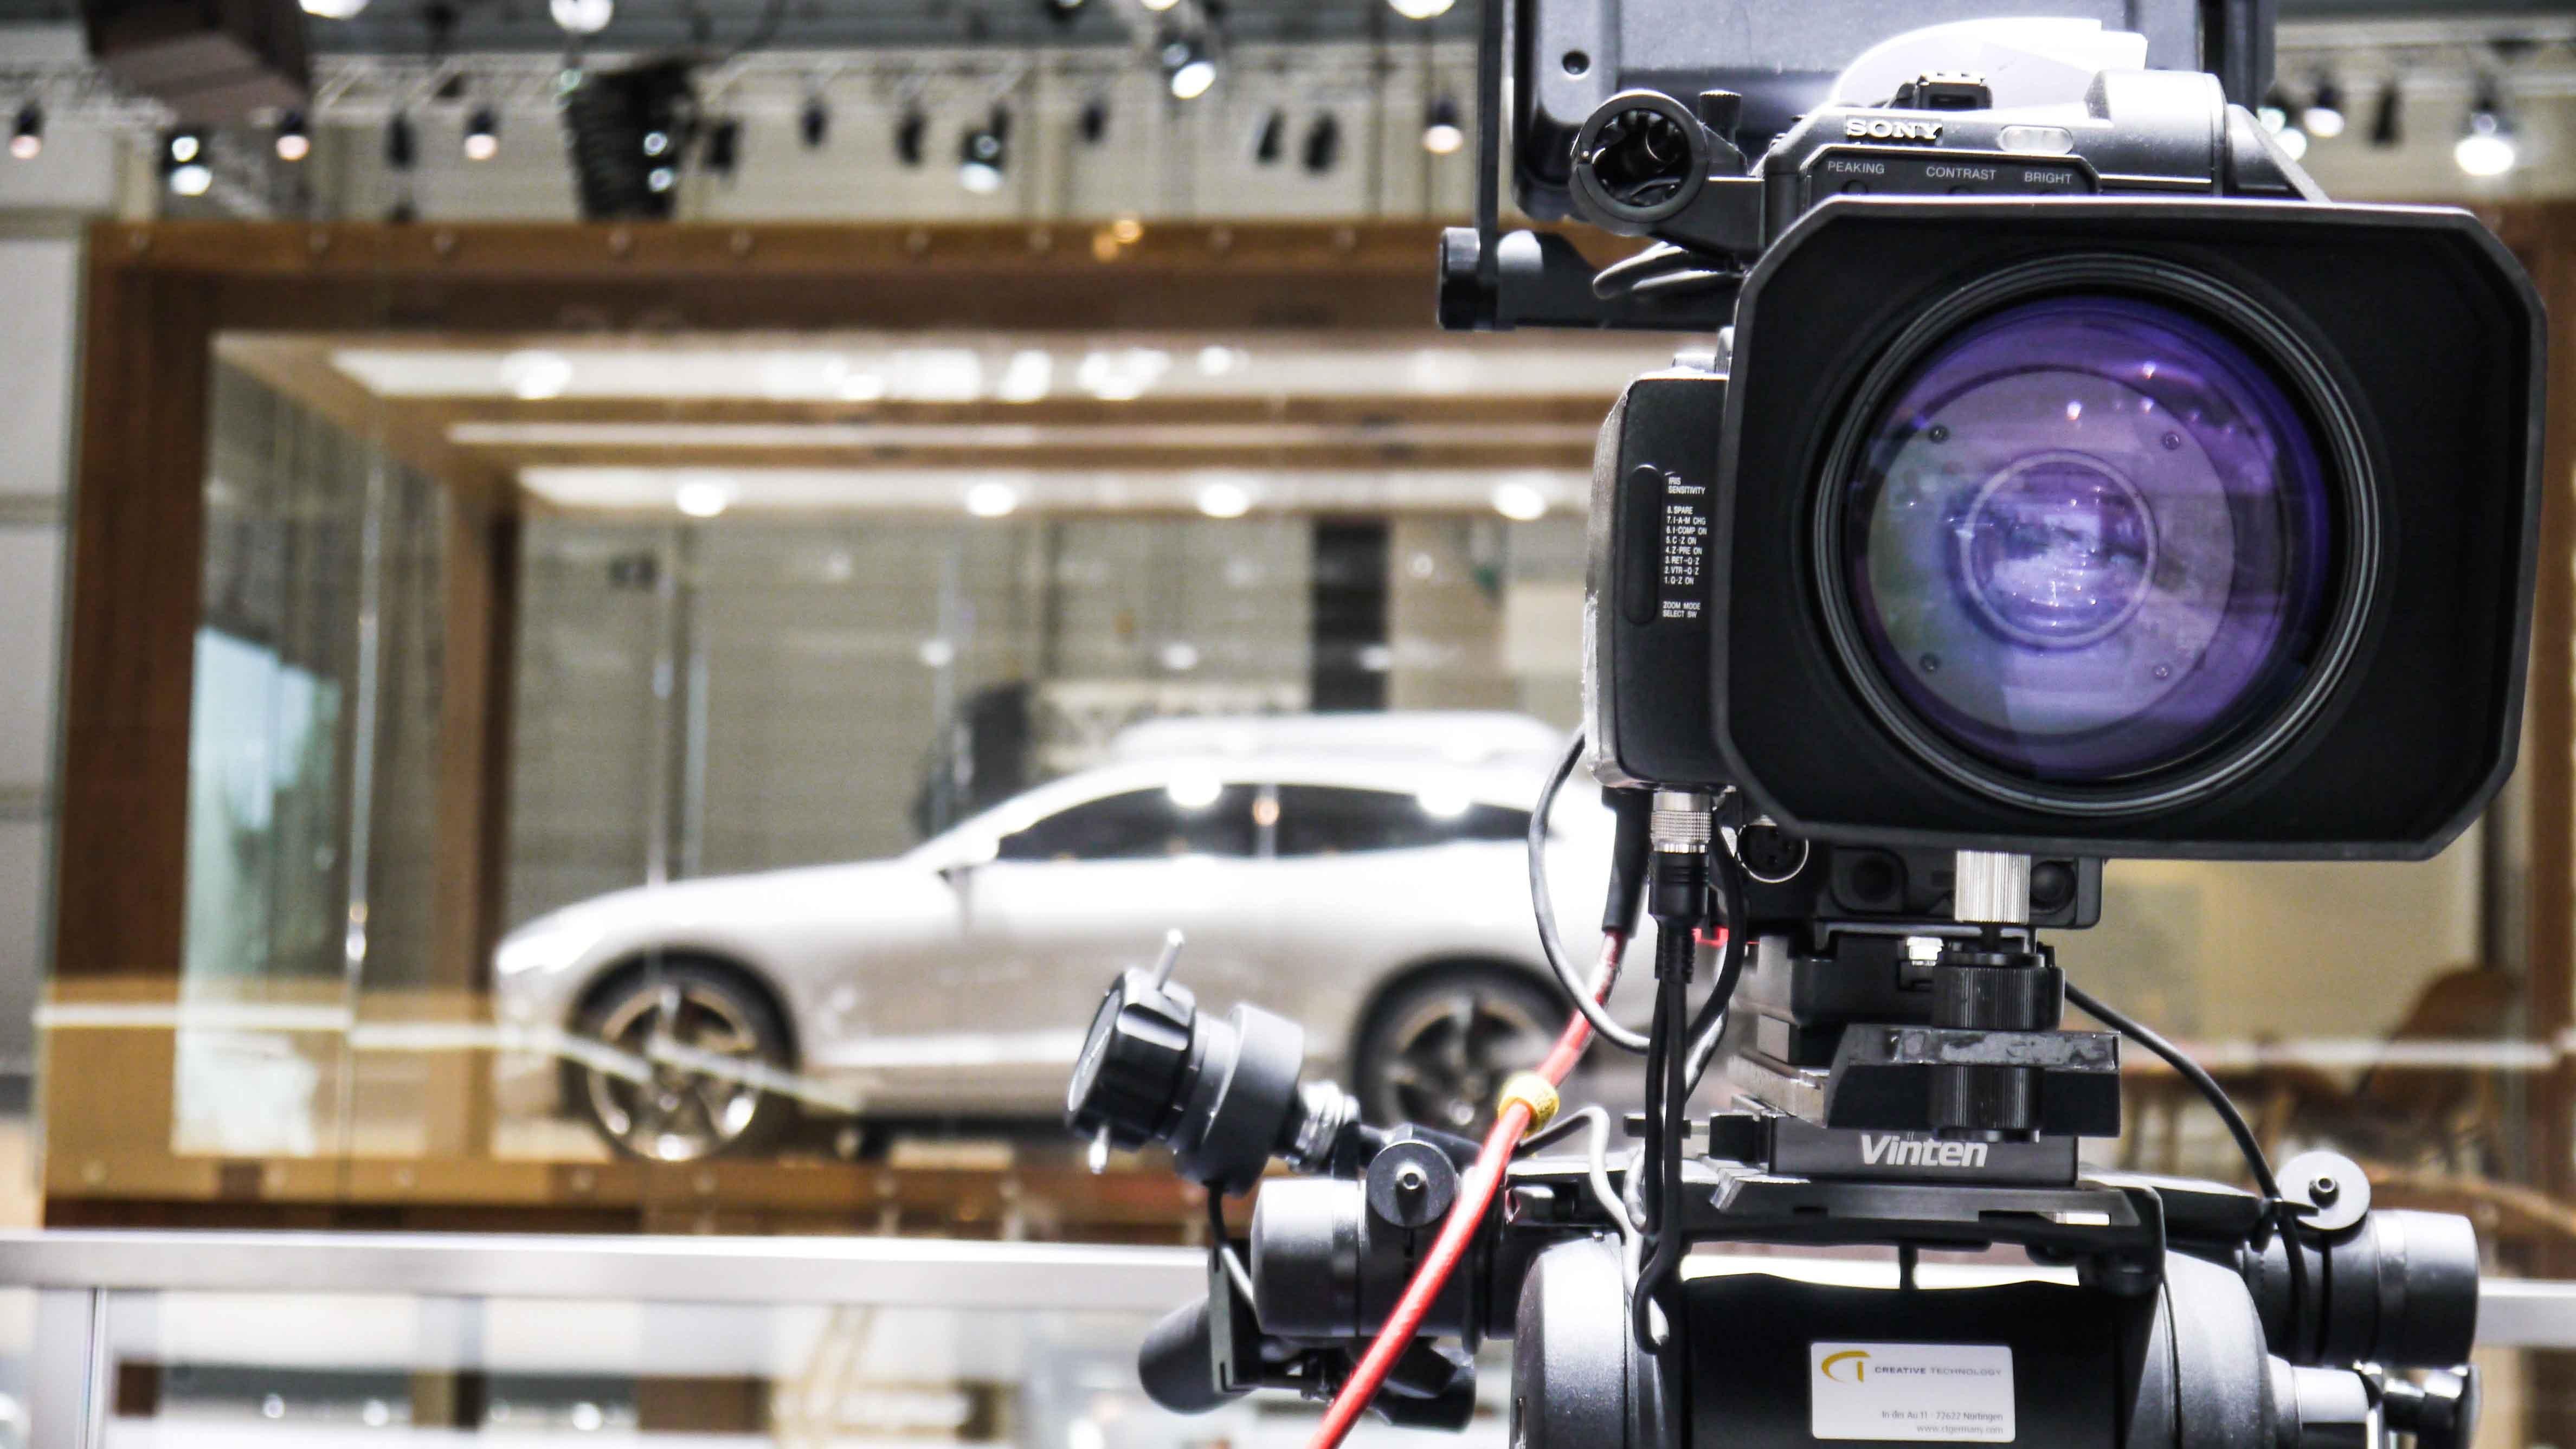 P1100243 - Automobilsalon Genf 2014: Vorab